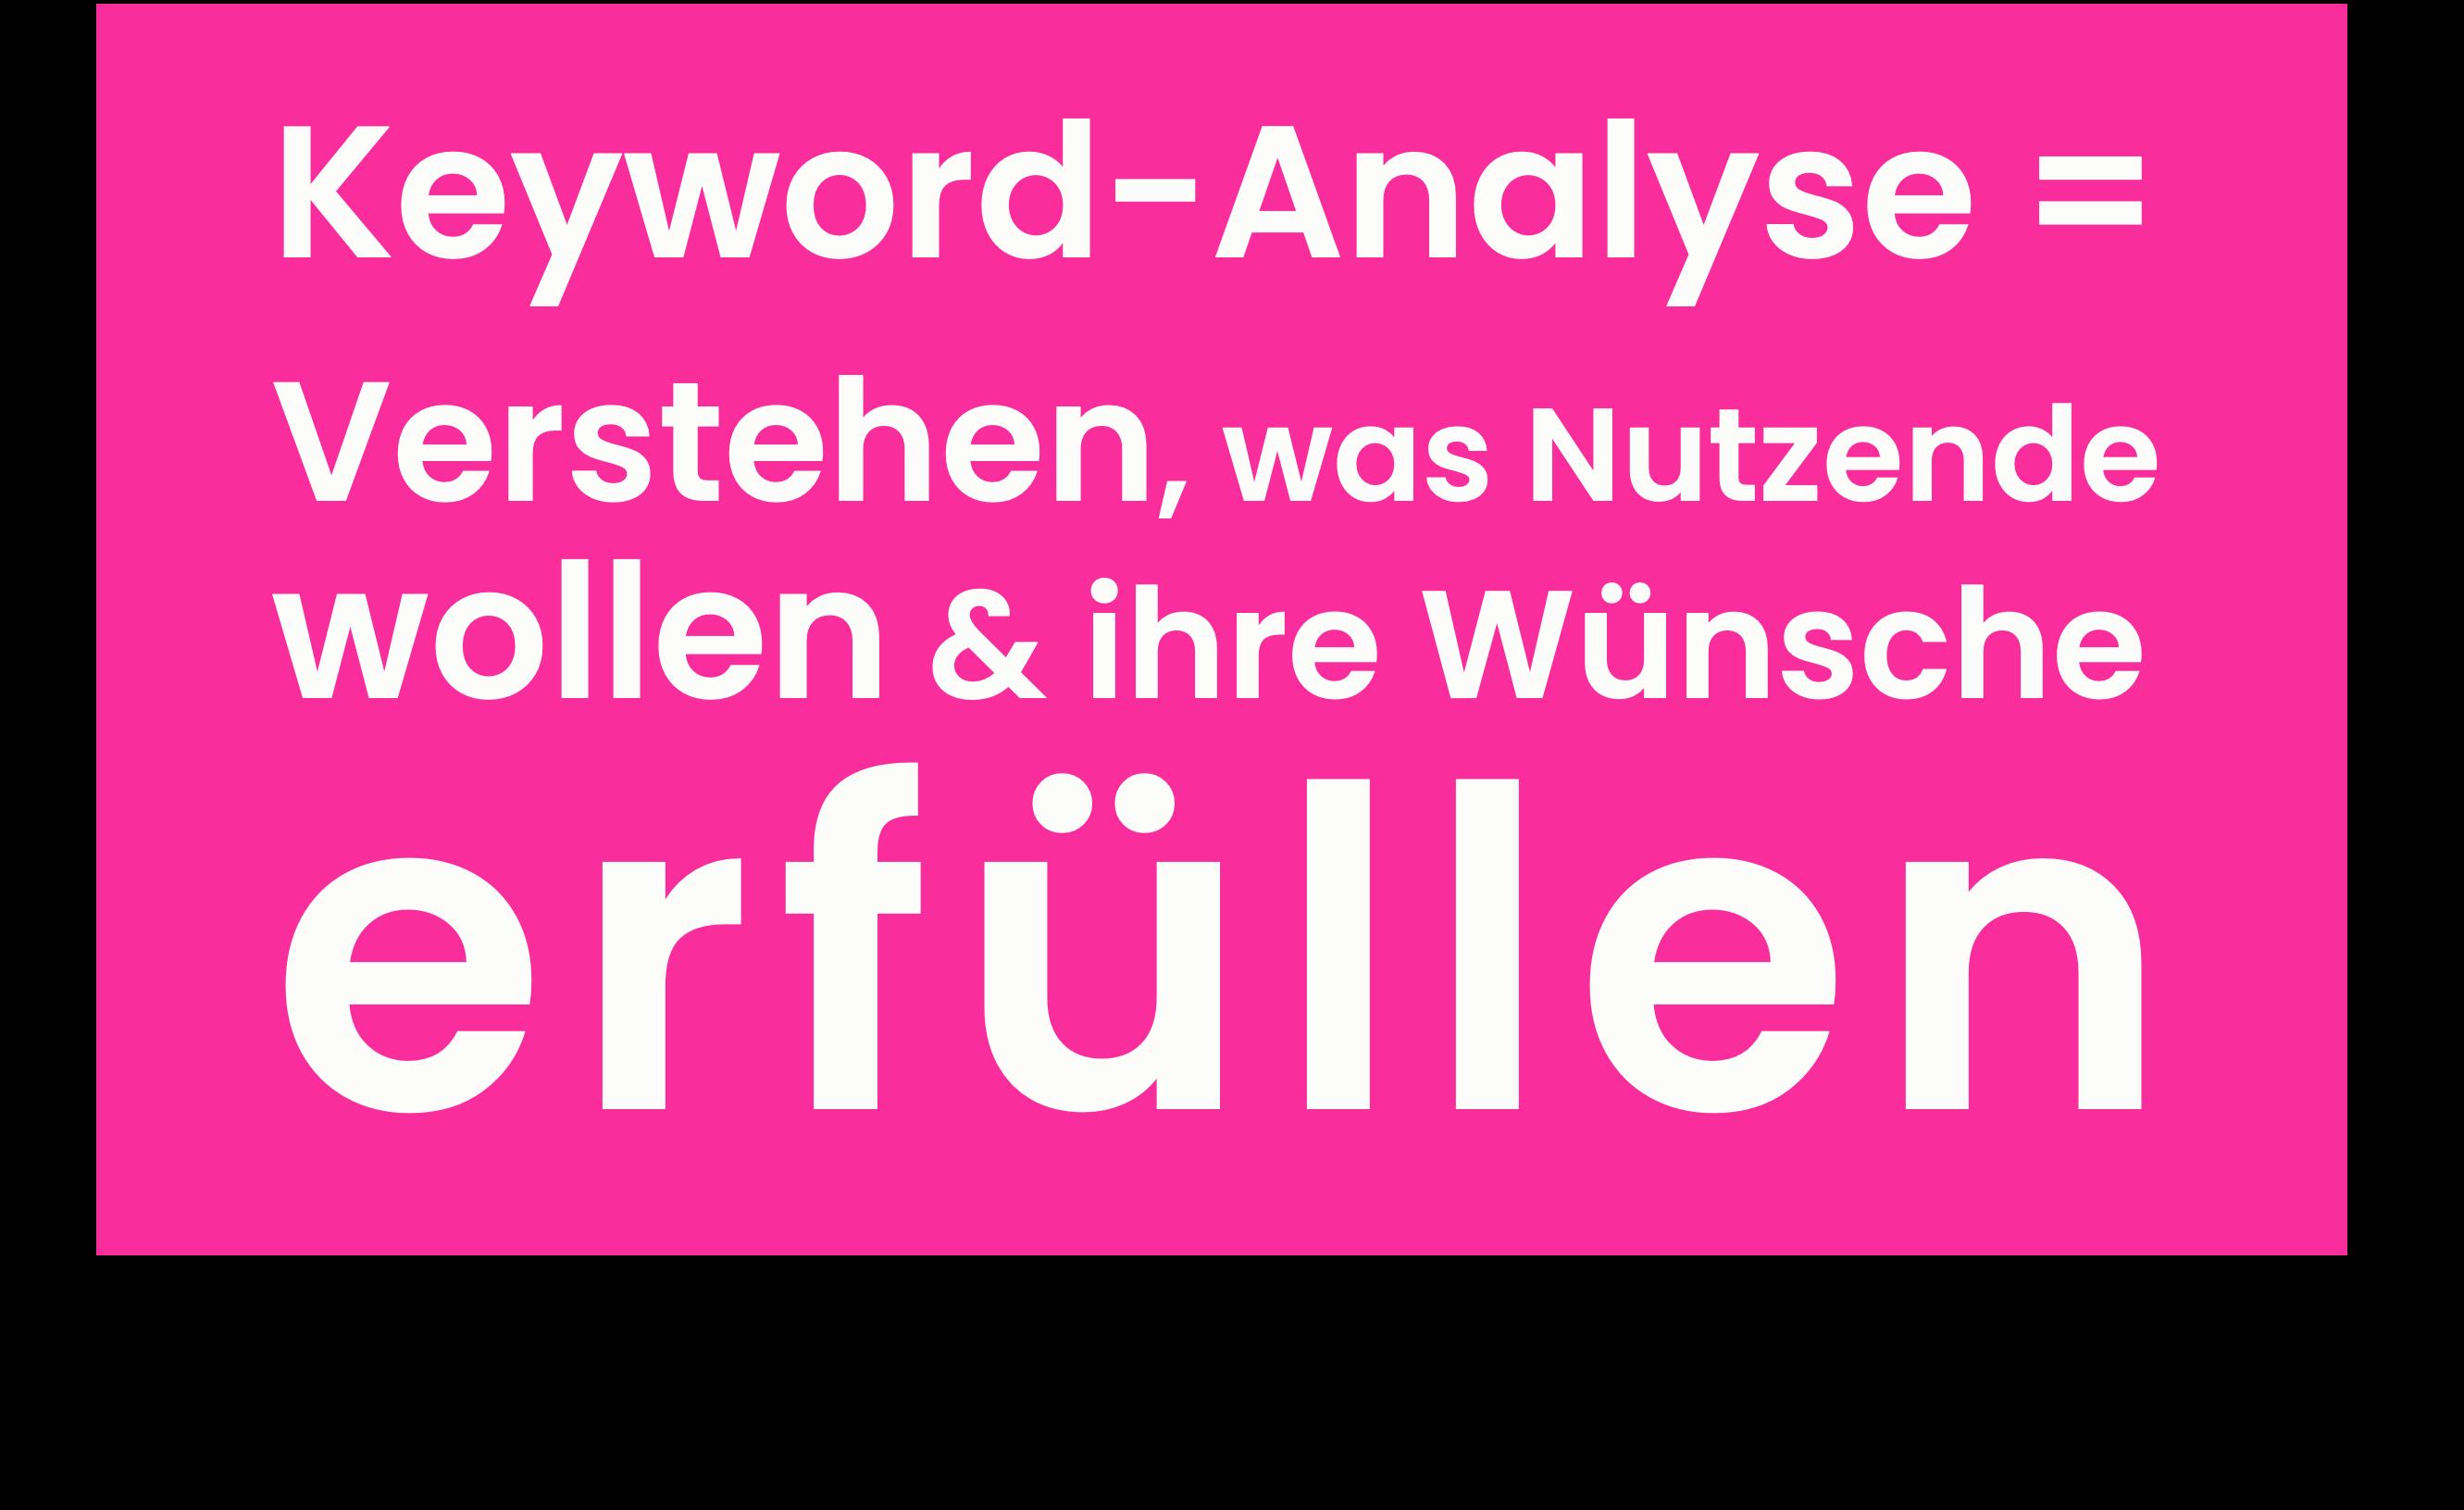 Keyword-Analyse bedeutet, sich in die Denk- & Suchwelt des Nutzers hineinzuarbeiten.